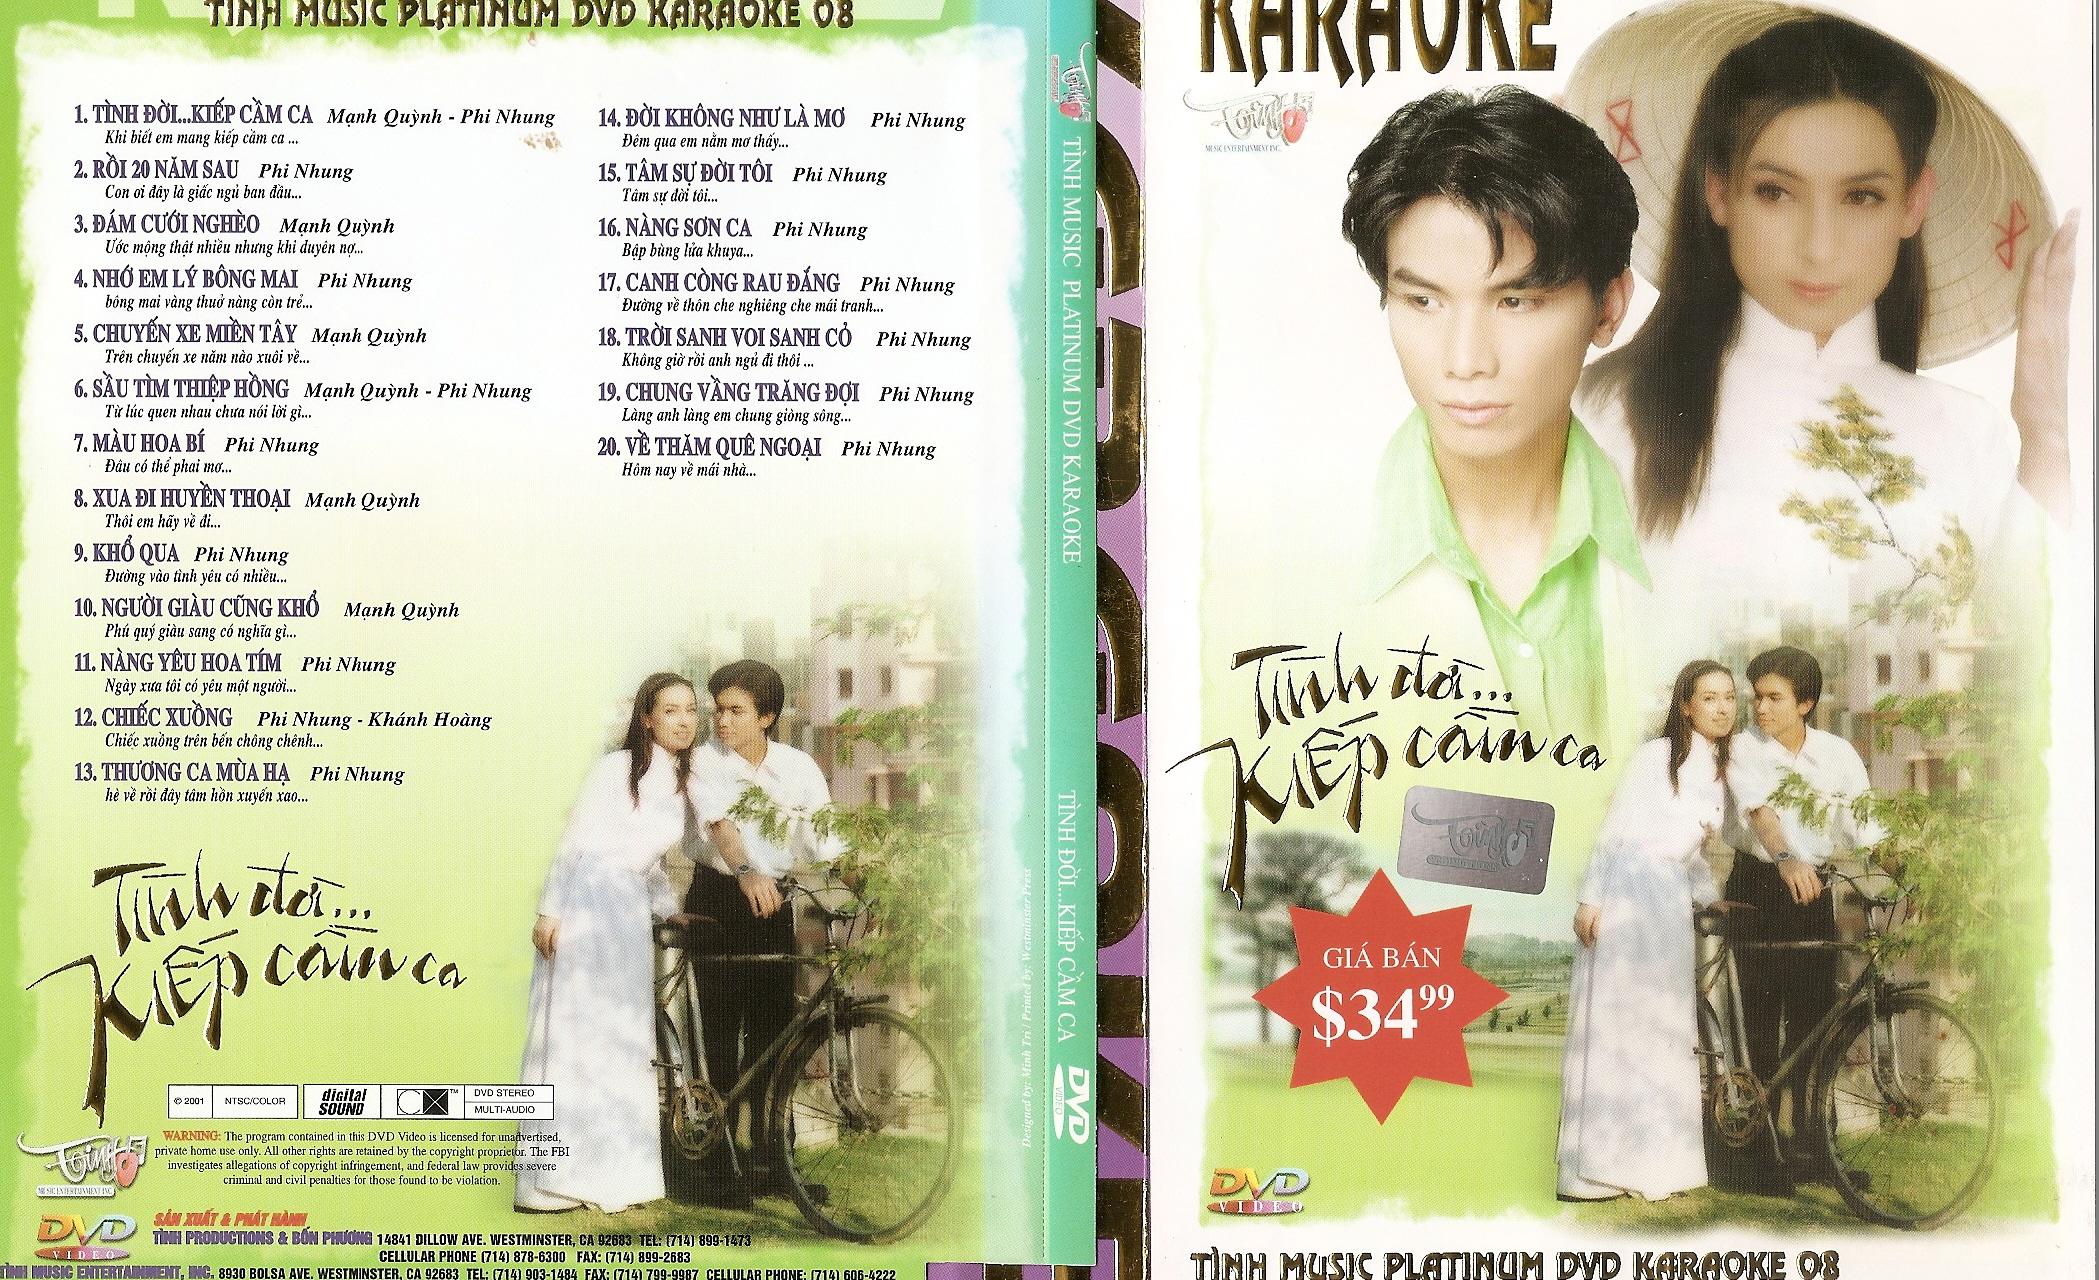 Tình Platinum Karaoke 08 – Tình Đời… Kiếp Cầm Ca [DVD5.ISO]